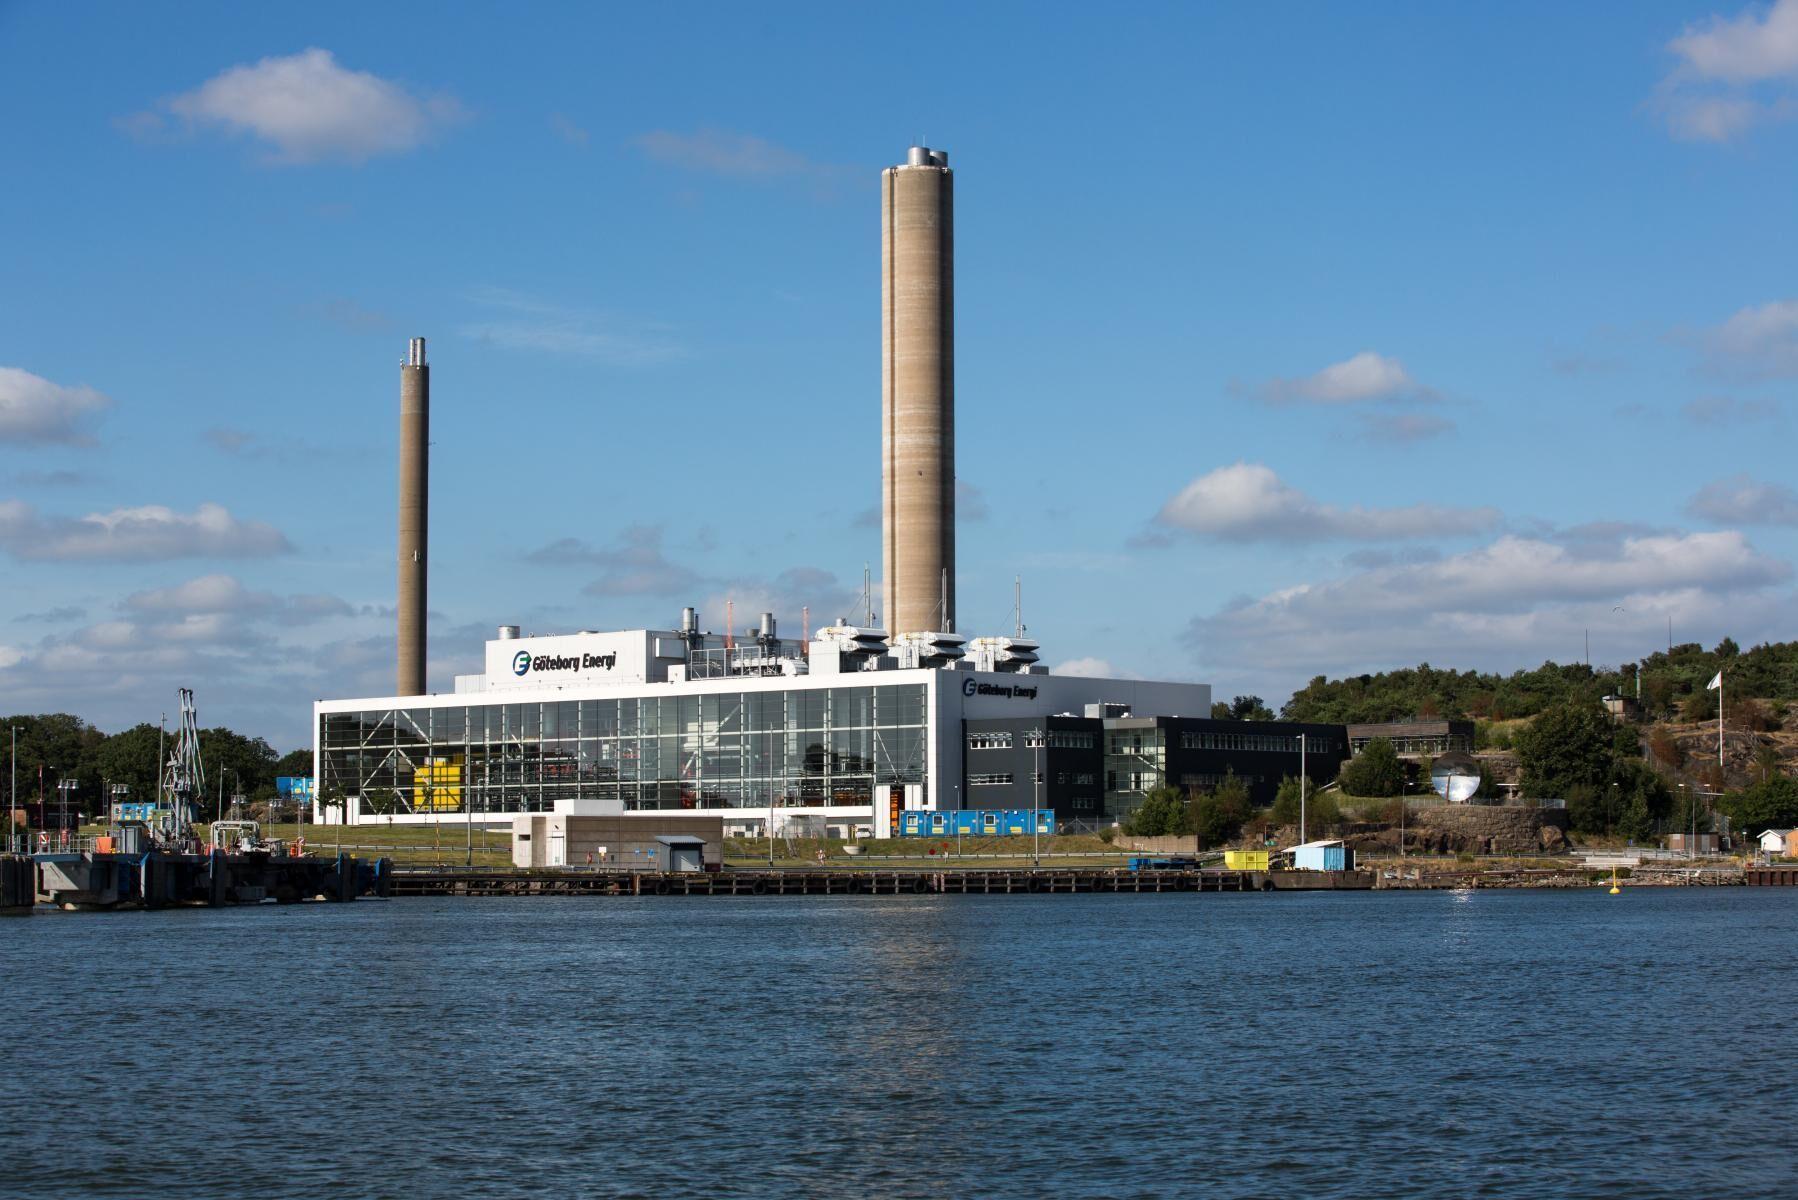 Om skatten på vissa biooljor försvinner underlättas utfasningen av fossil olja elproduktionen i kraftvärmeverken, menar Energiföretagen Sverige, Svebio och biooljeleverantören Canoil AB.